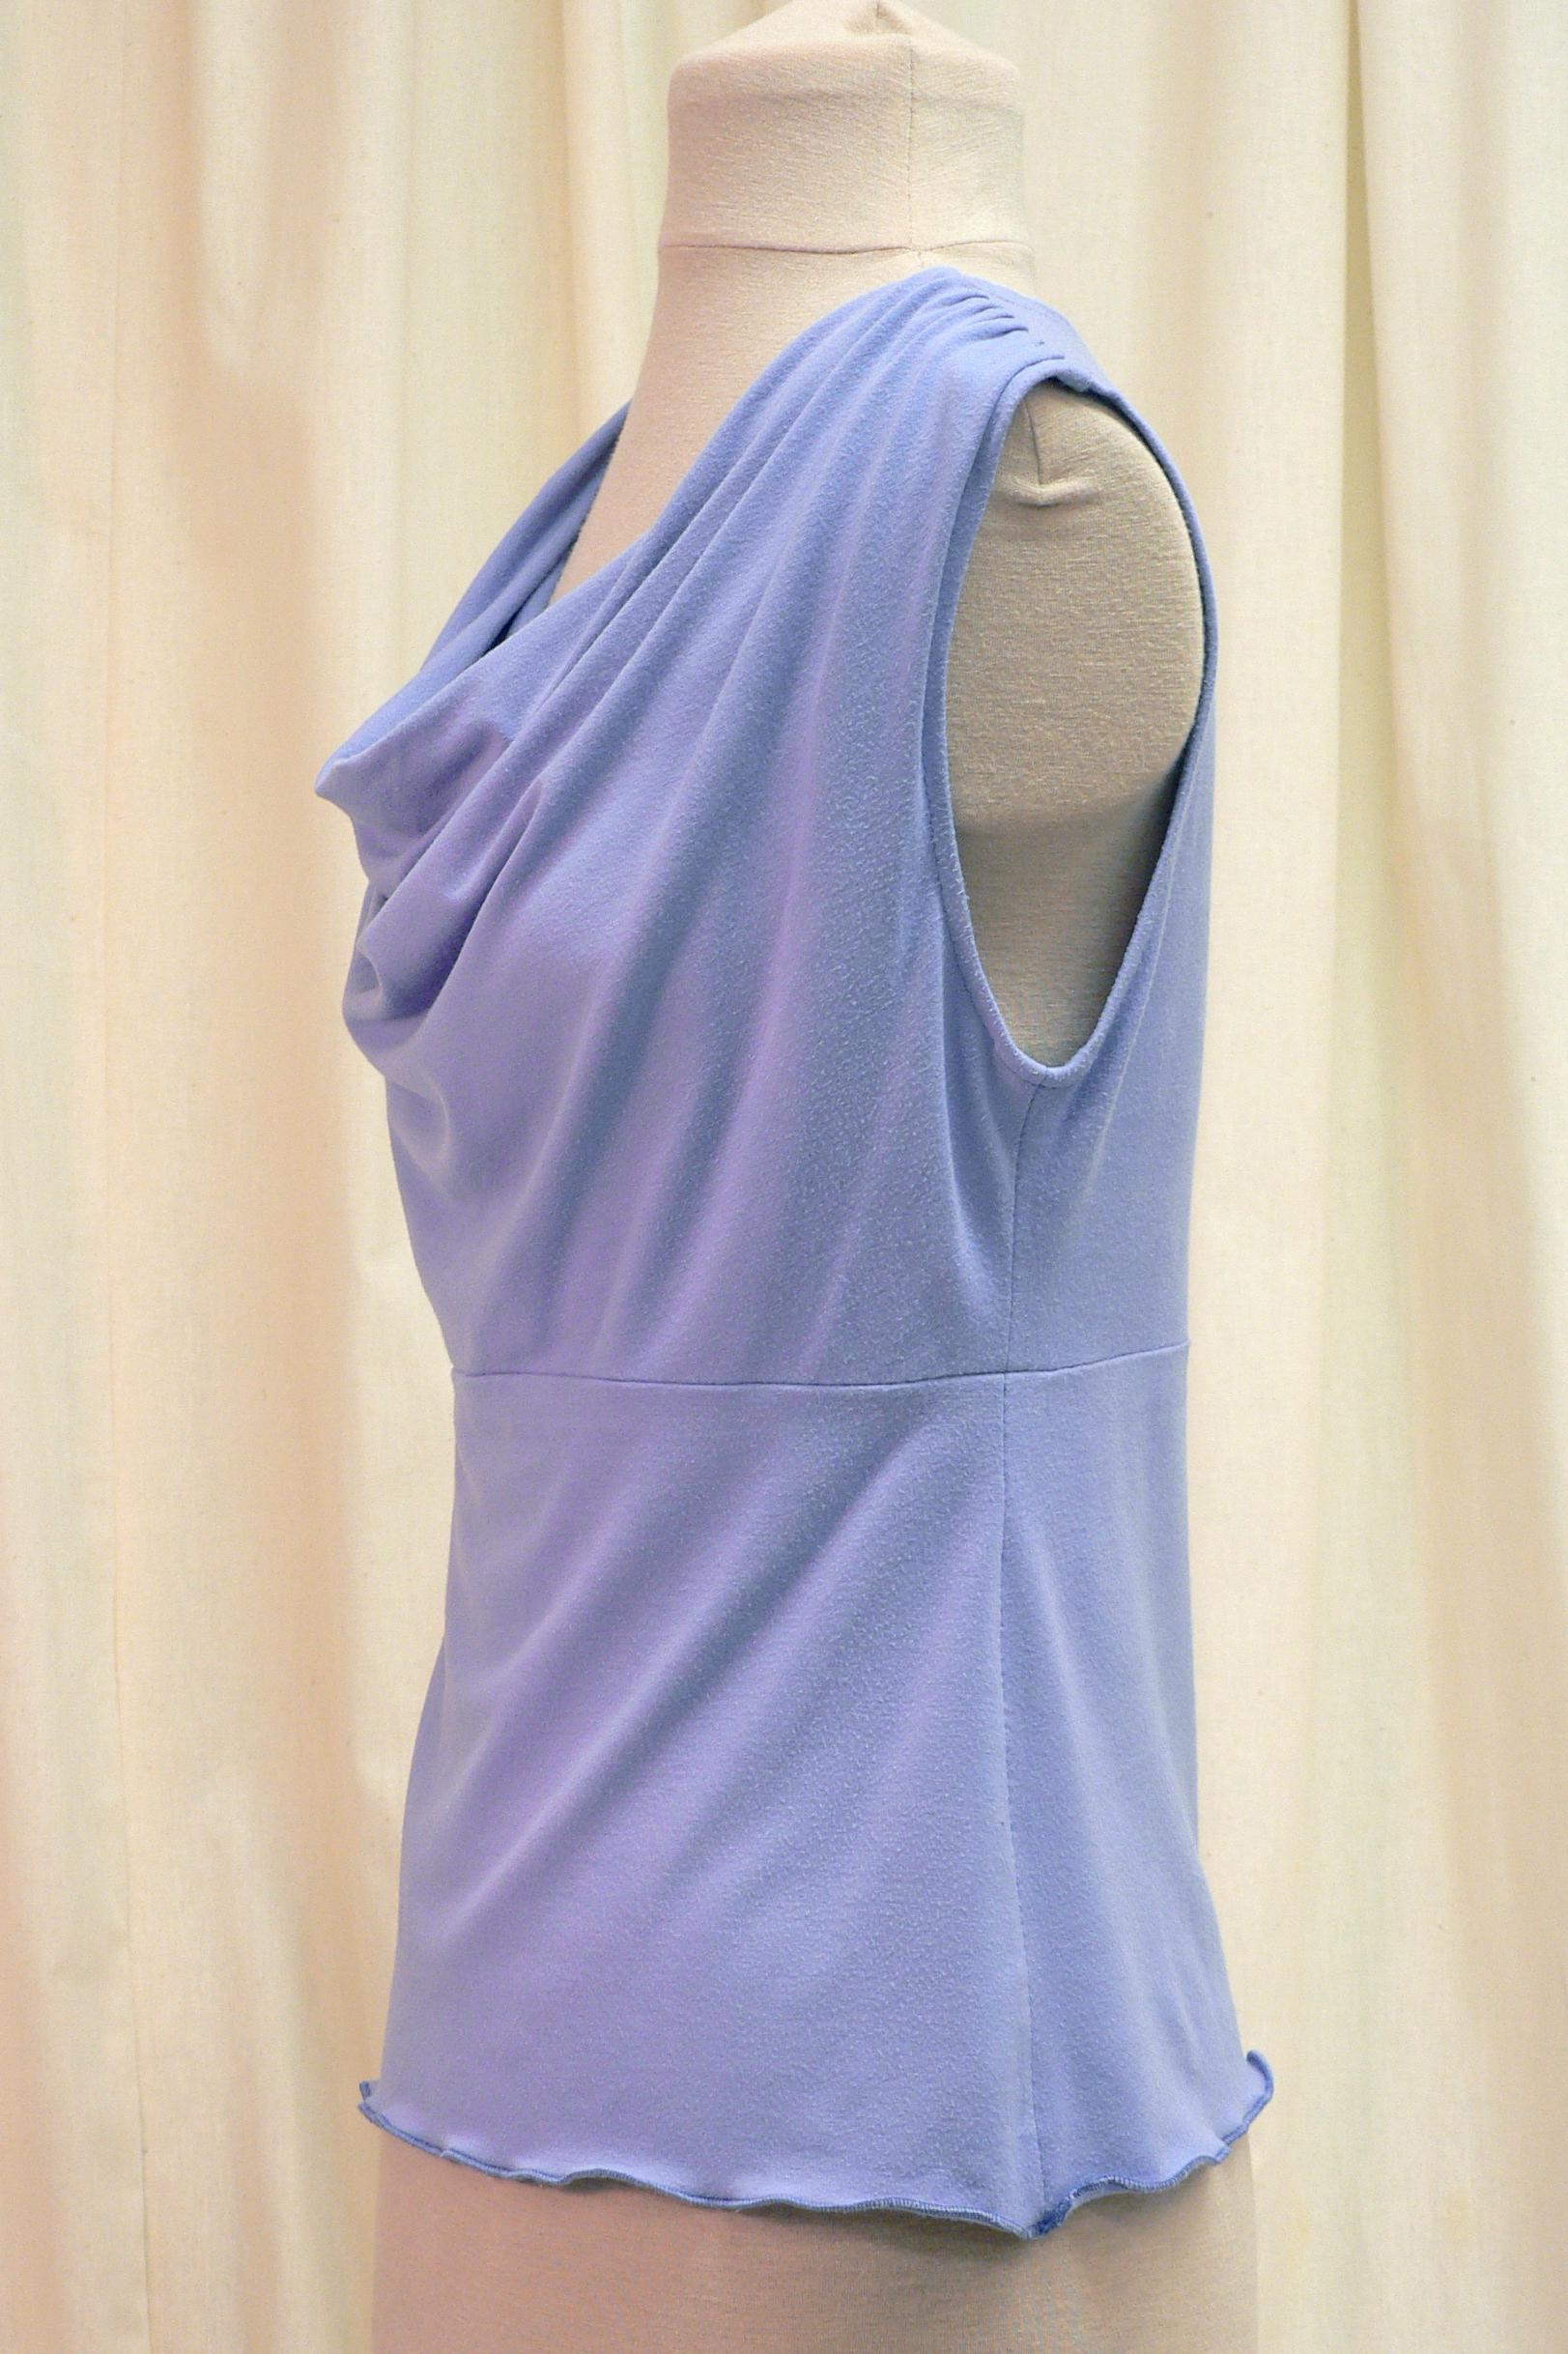 blouse09_side.jpg